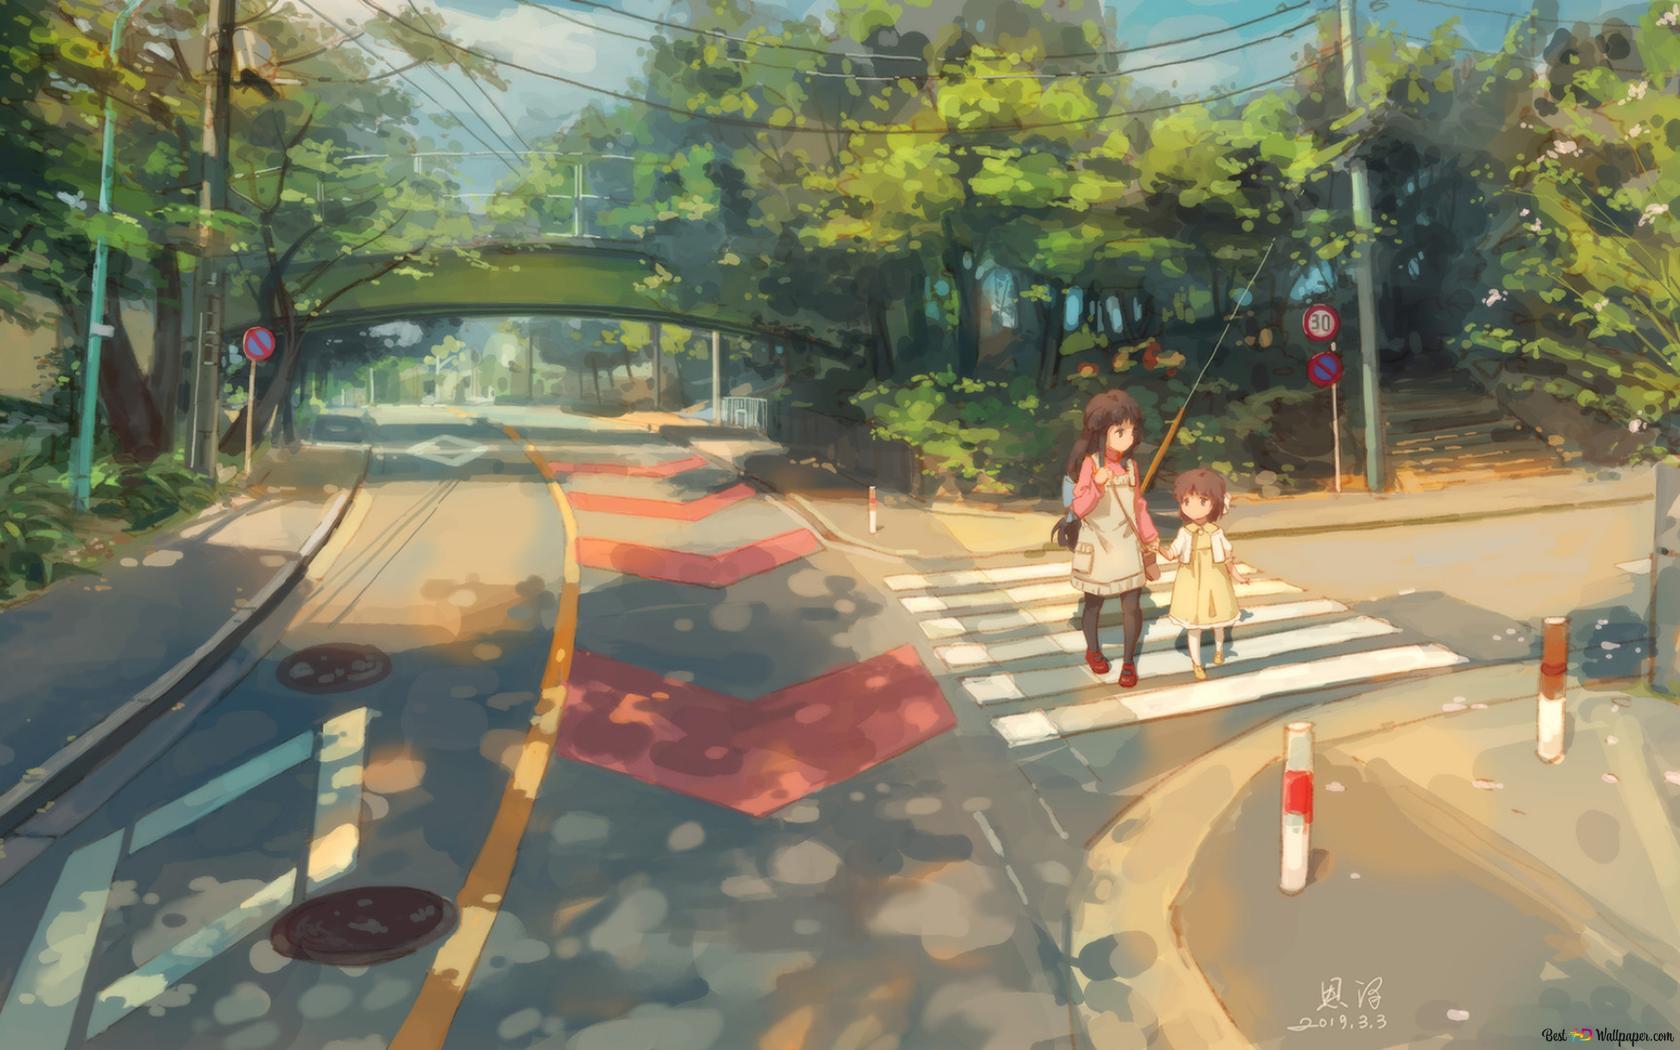 Clannad Fuko Ibuki Ushio Okazaki Hd Wallpaper Download